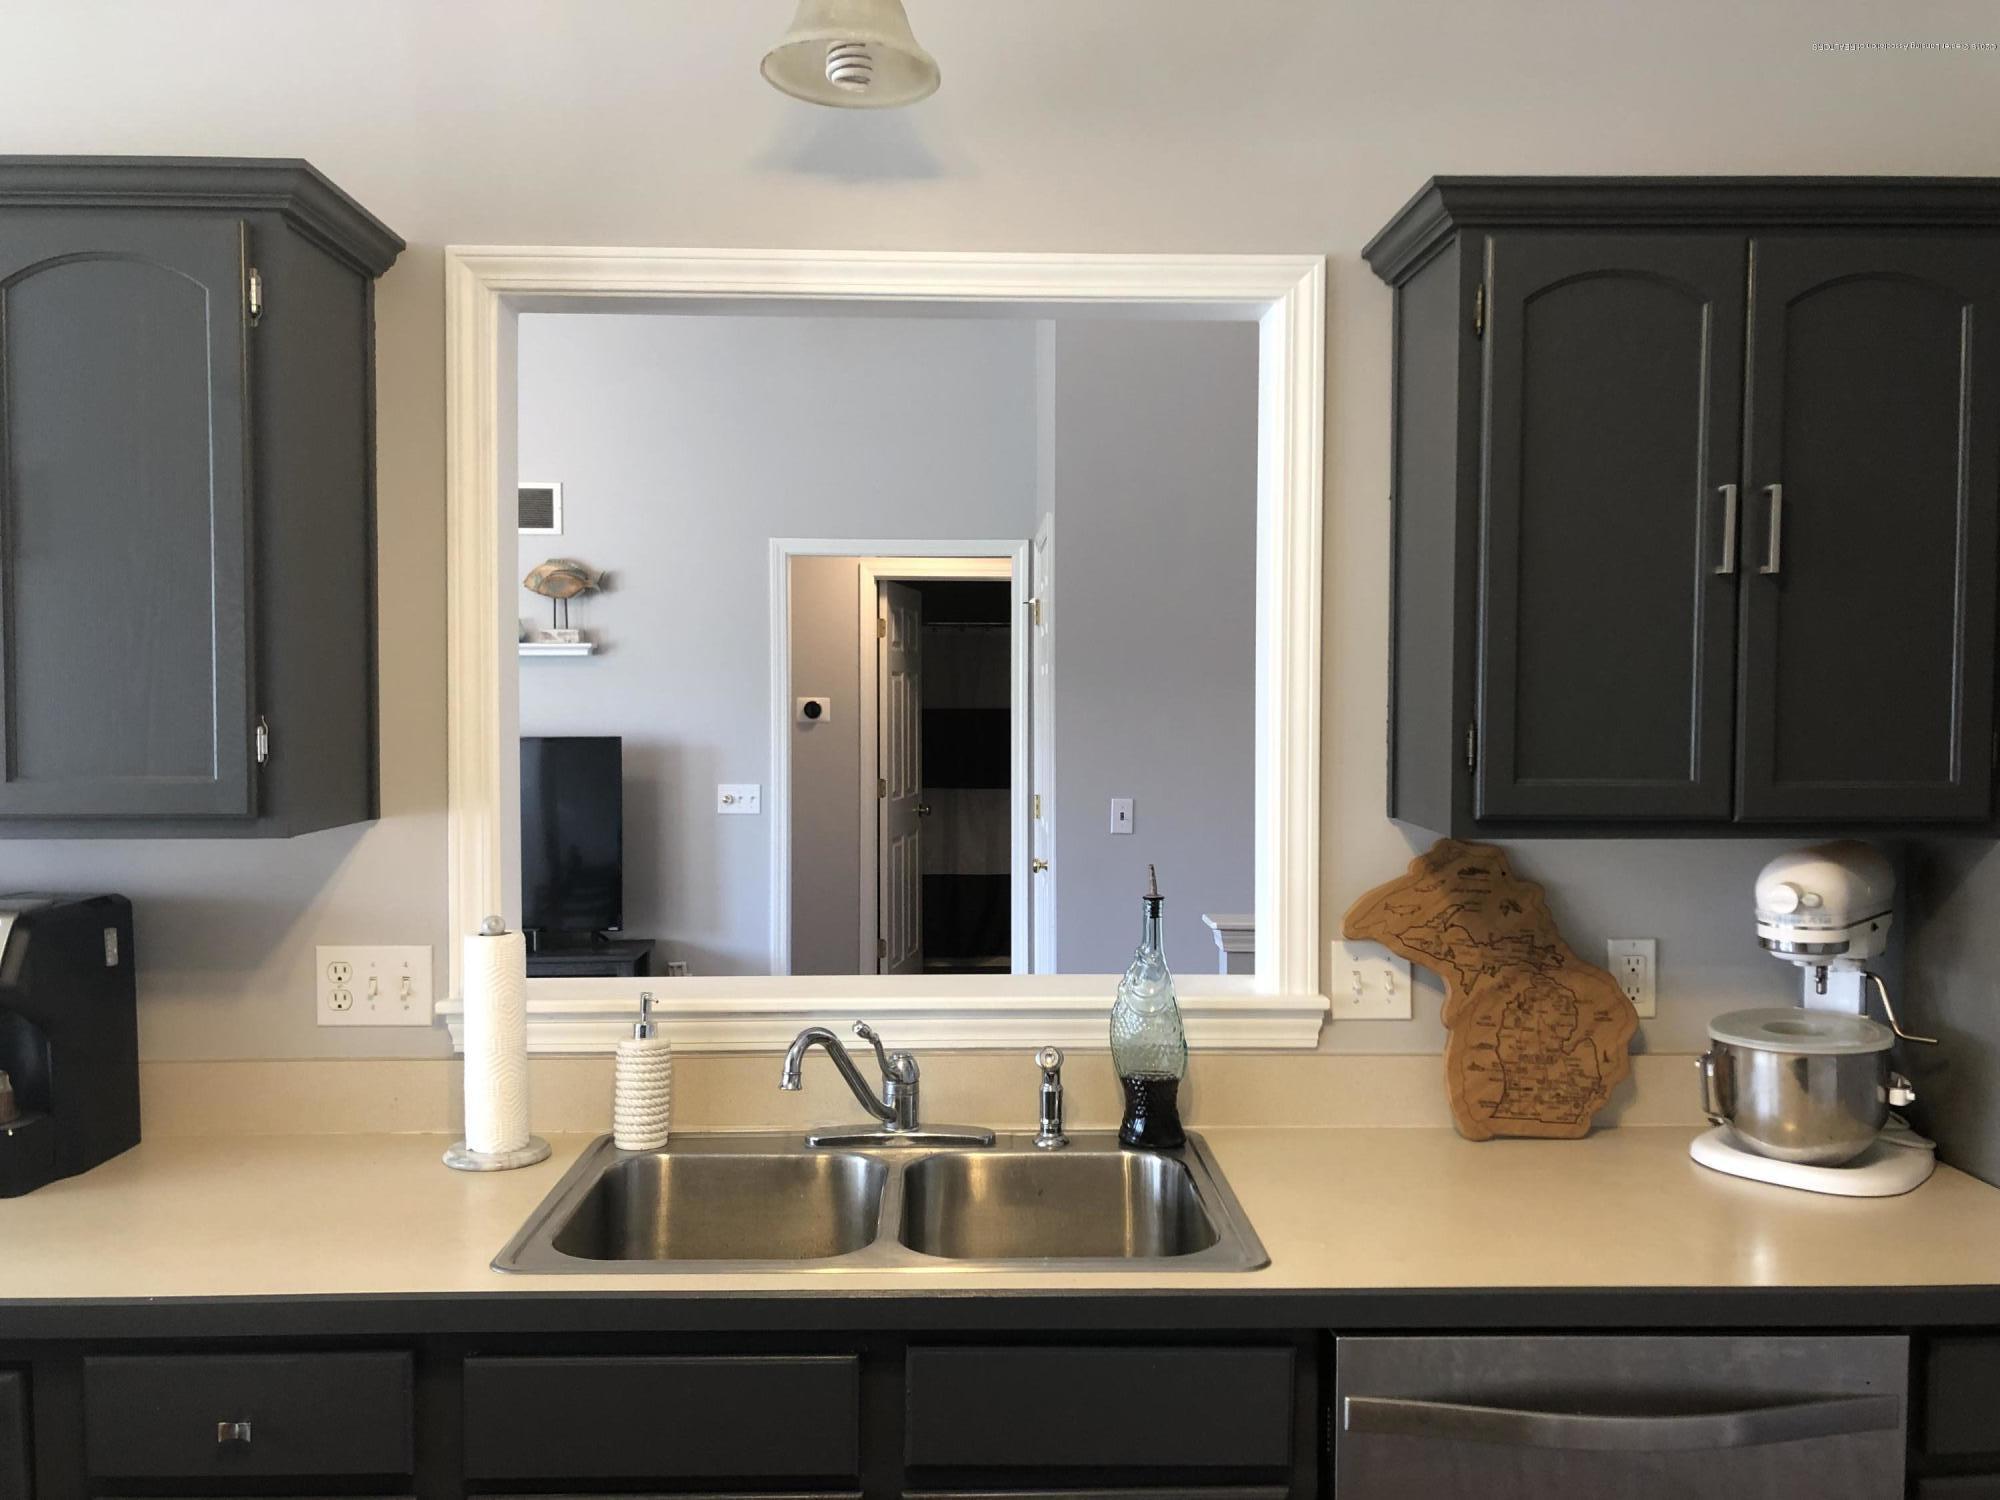 3843 Rudyard Way - Kitchen Sink - 3